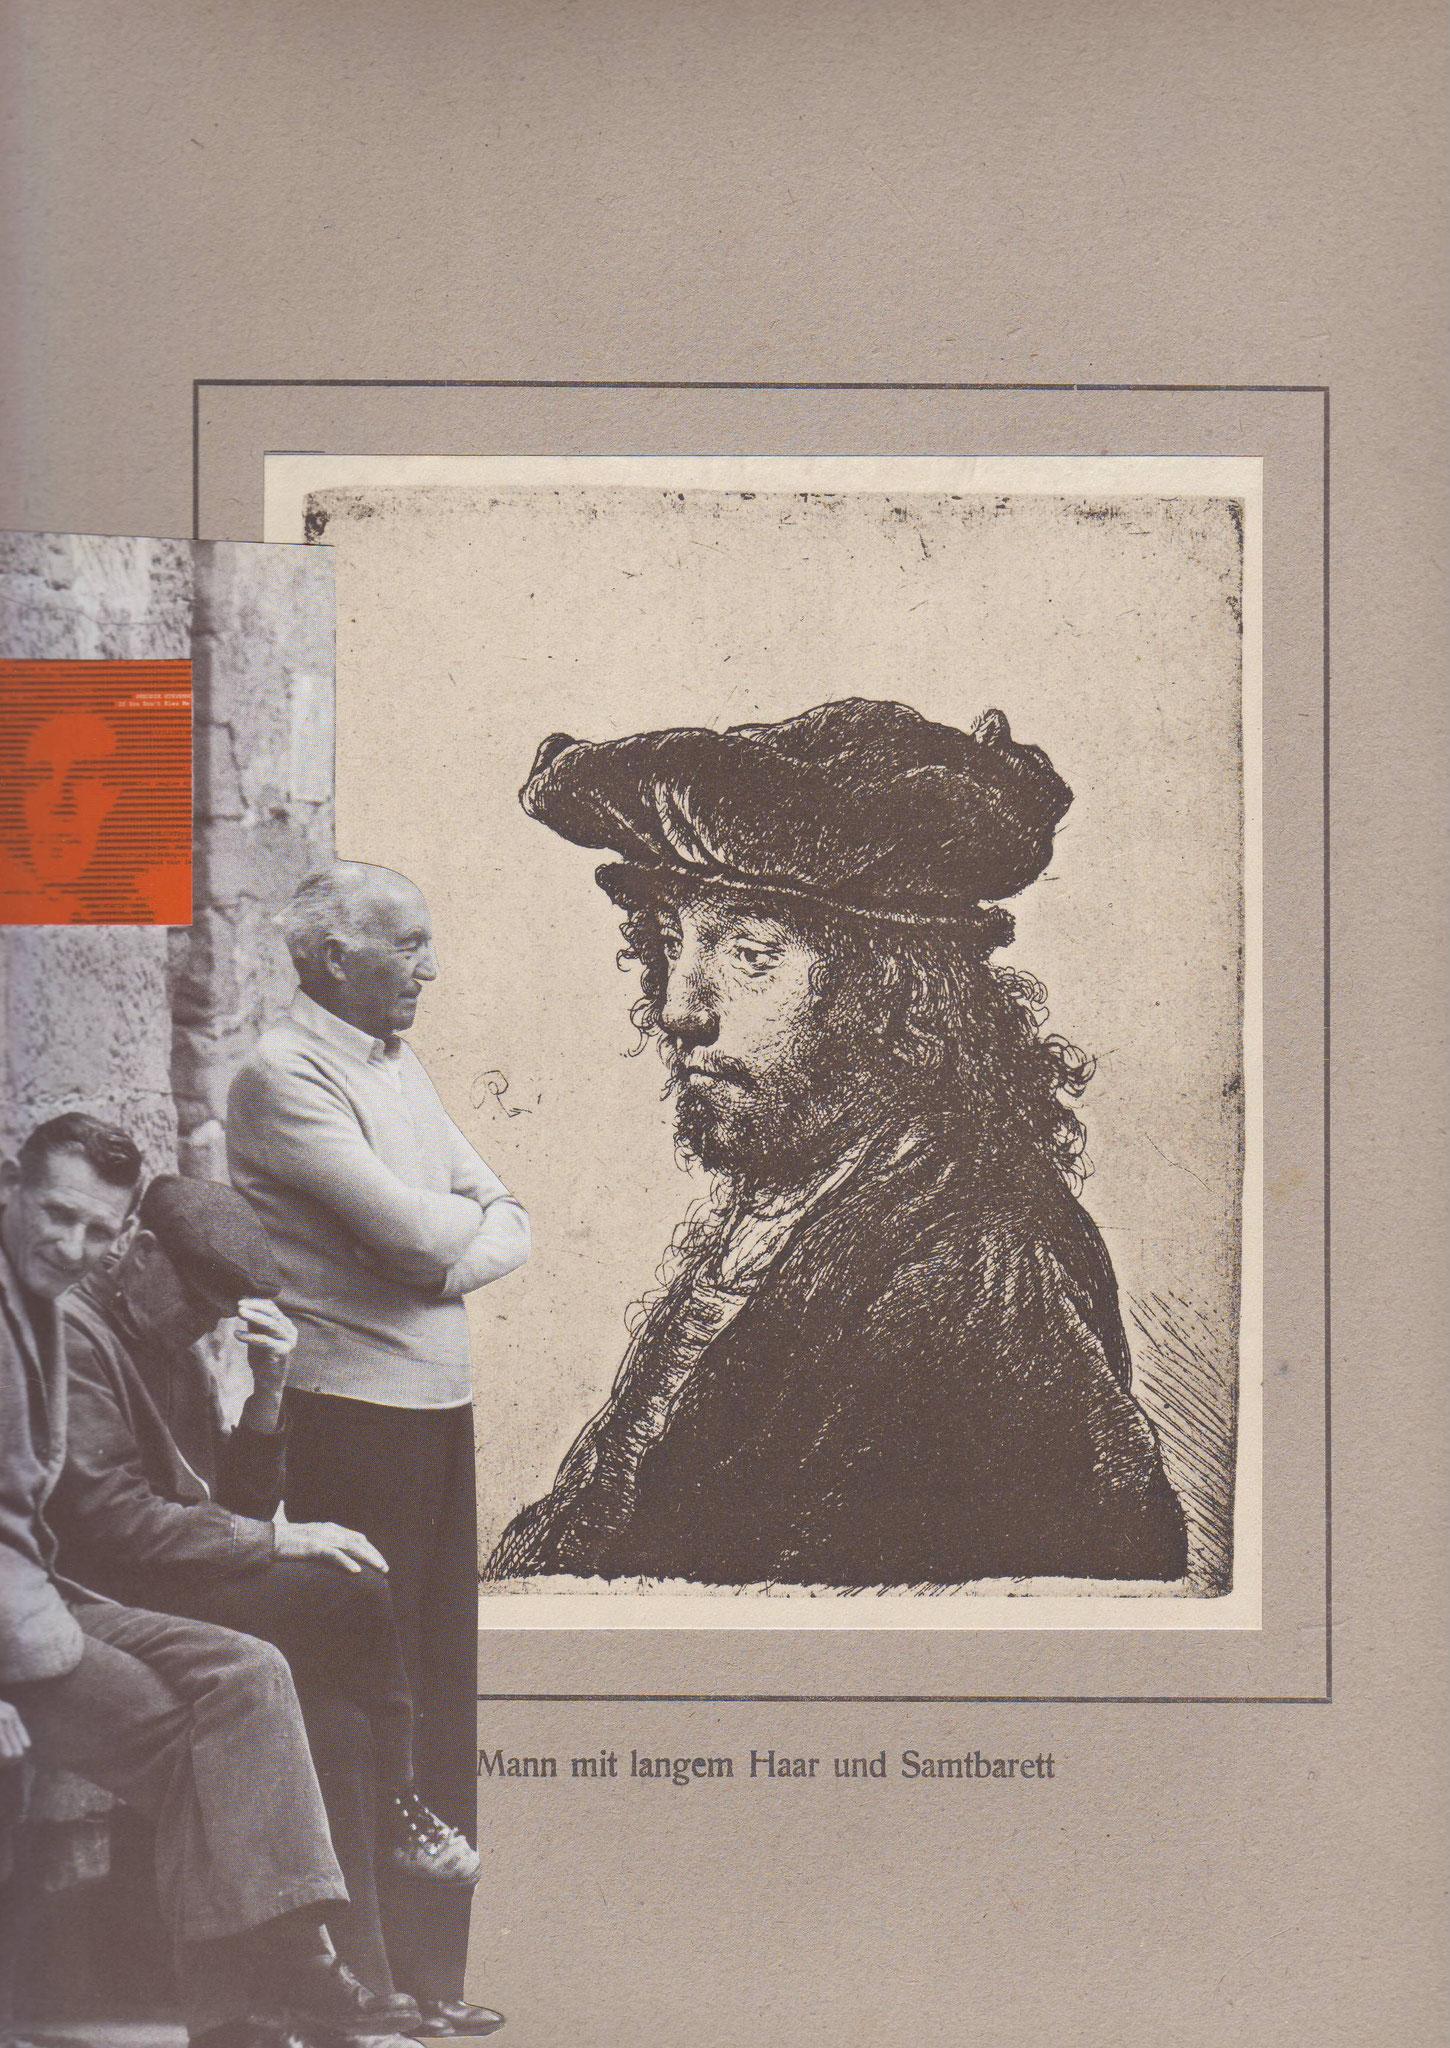 Mann mit langem Haar und Samtbarett – Radierung von Rembrandt